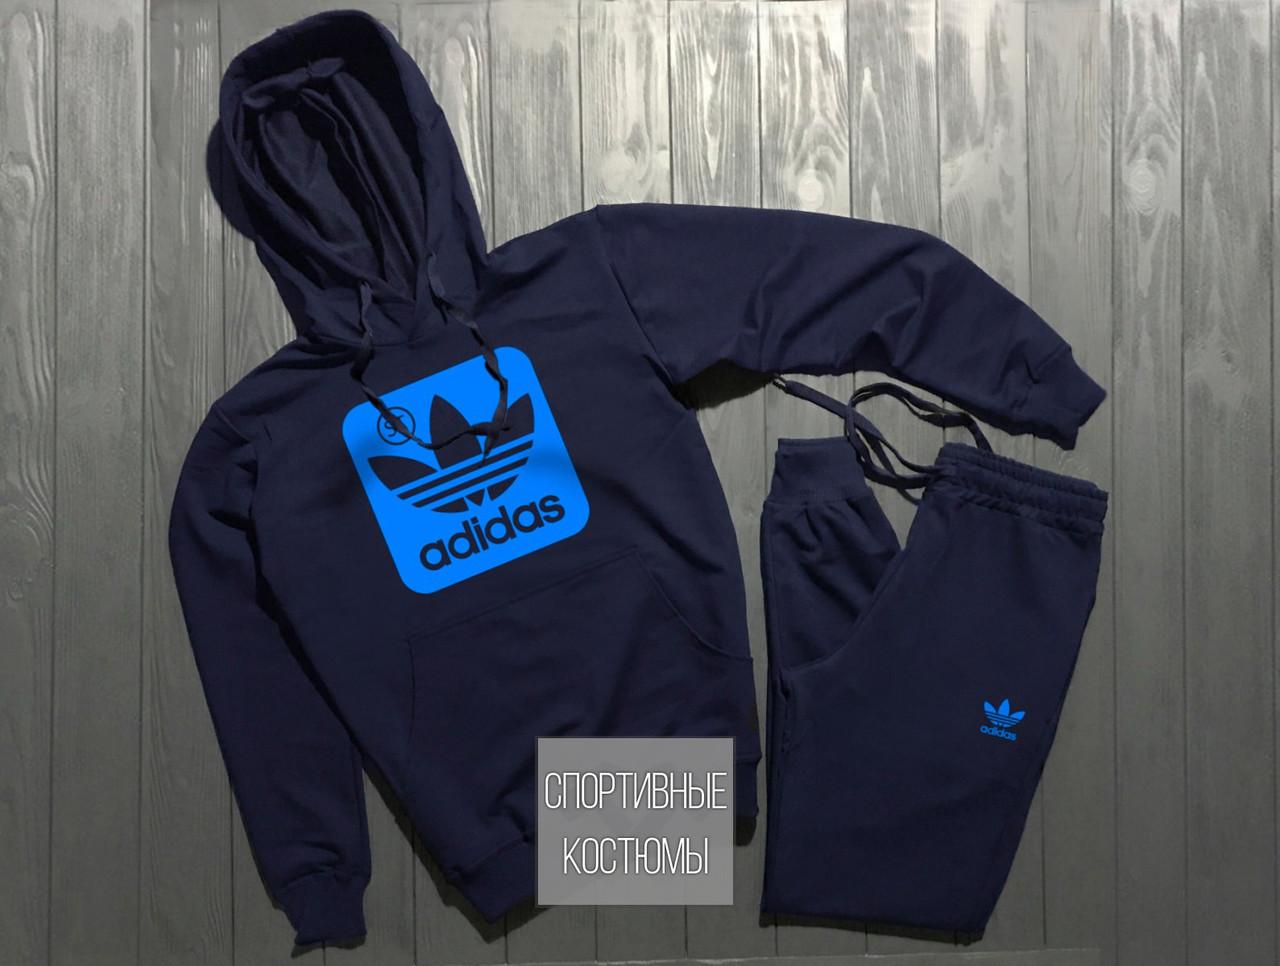 Чоловічий спортивний костюм Adidas, Адідас, темно-синій (в стилі)